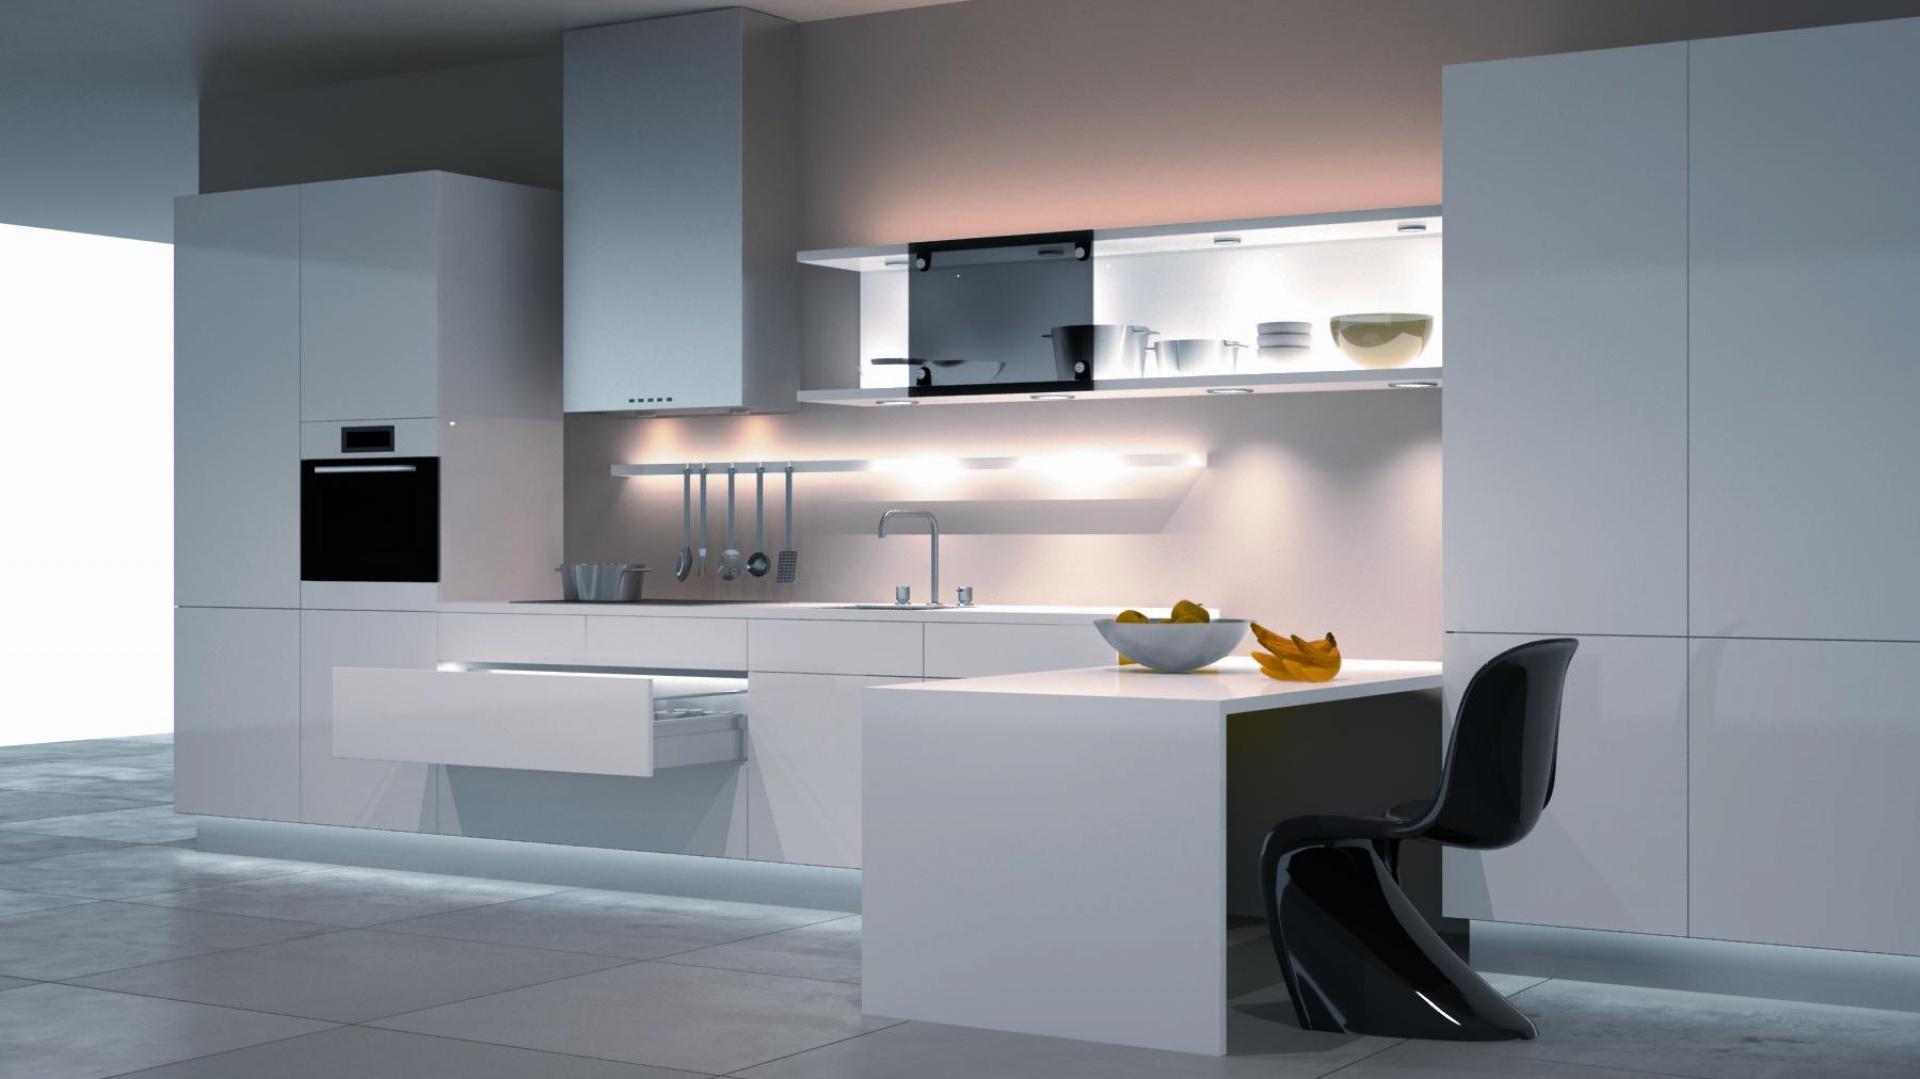 Kuchnia w stylu minimalistycznym. Ważnym czynnikiem przy planowaniu minimalistycznej przestrzeni jest również światło, które wpływa na percepcję przestrzeni, buduje jej klimat czy stanowi ciekawy element dekoracyjny. Fot. Häfele